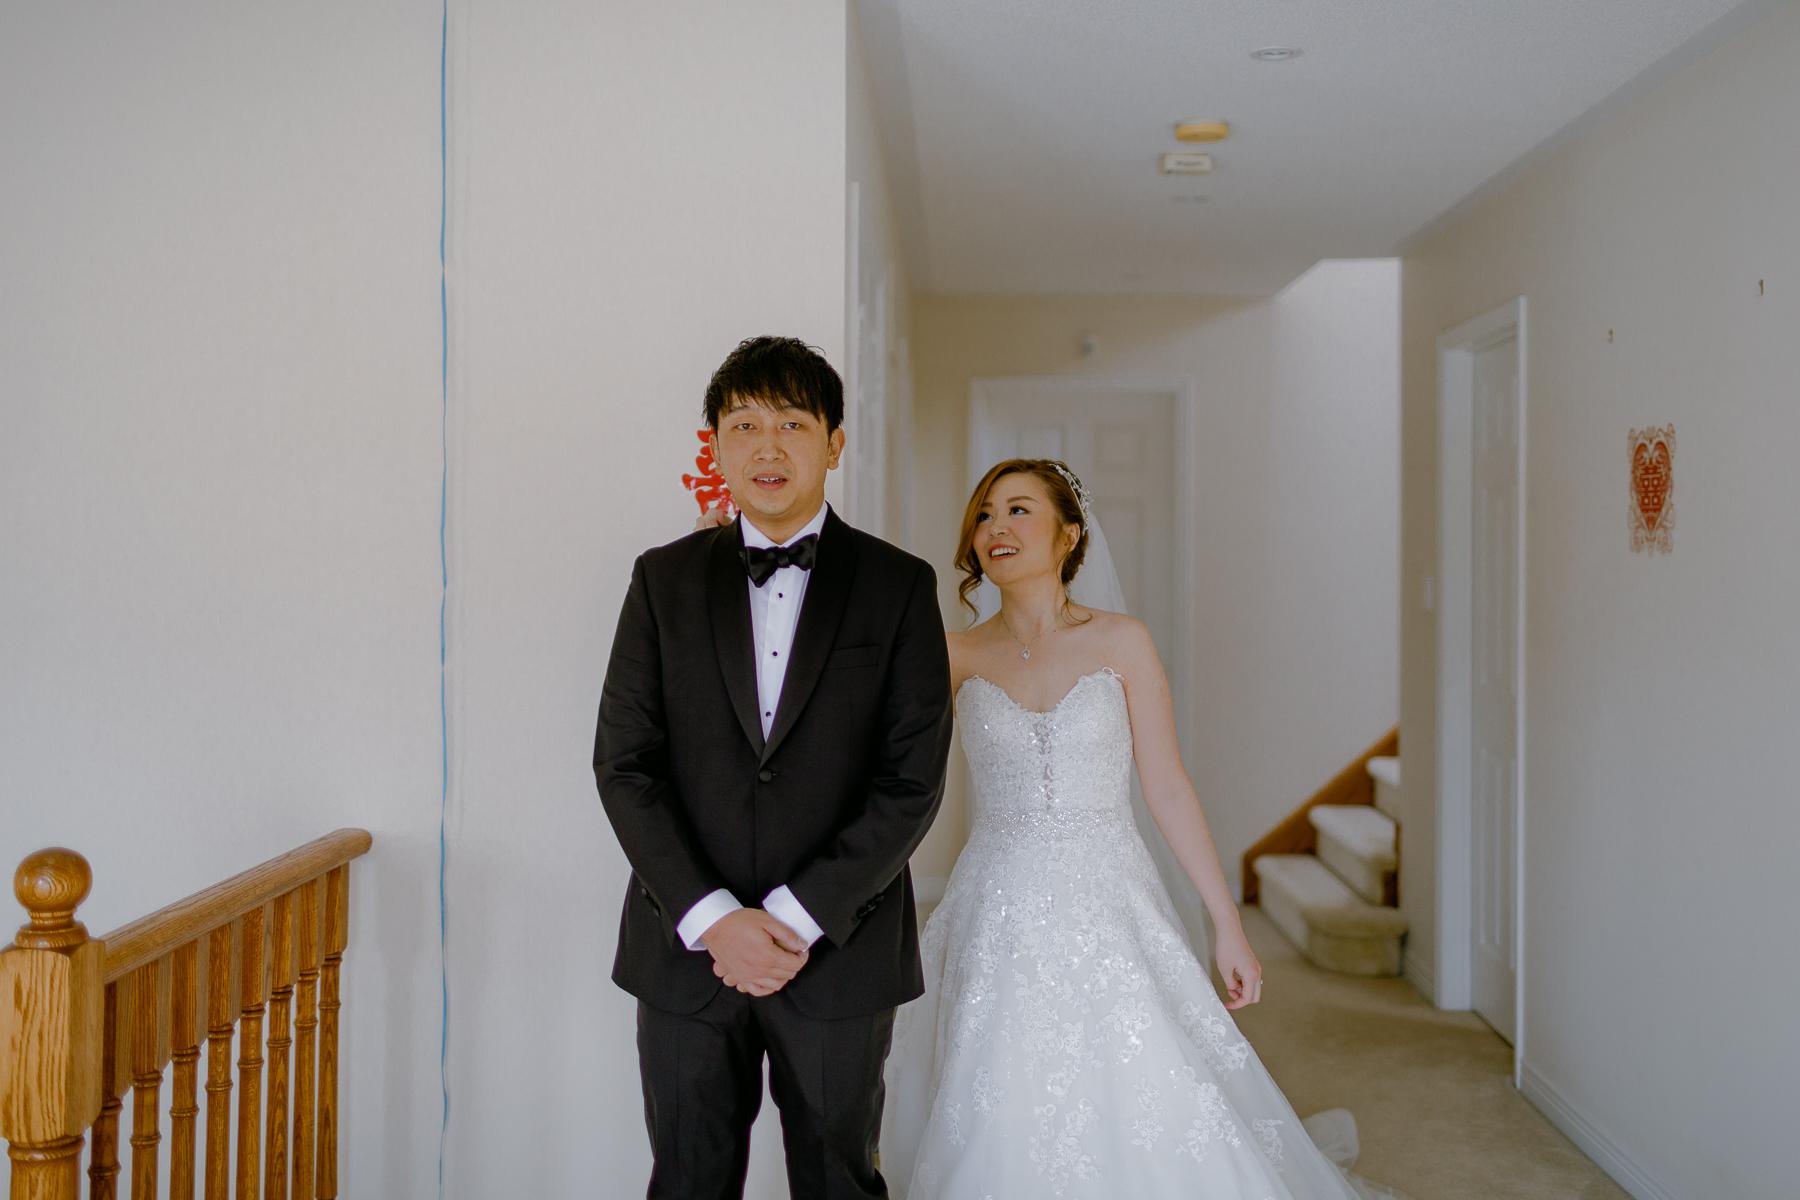 markham-wedding-photography-markham-museum-wedding 0010.jpg